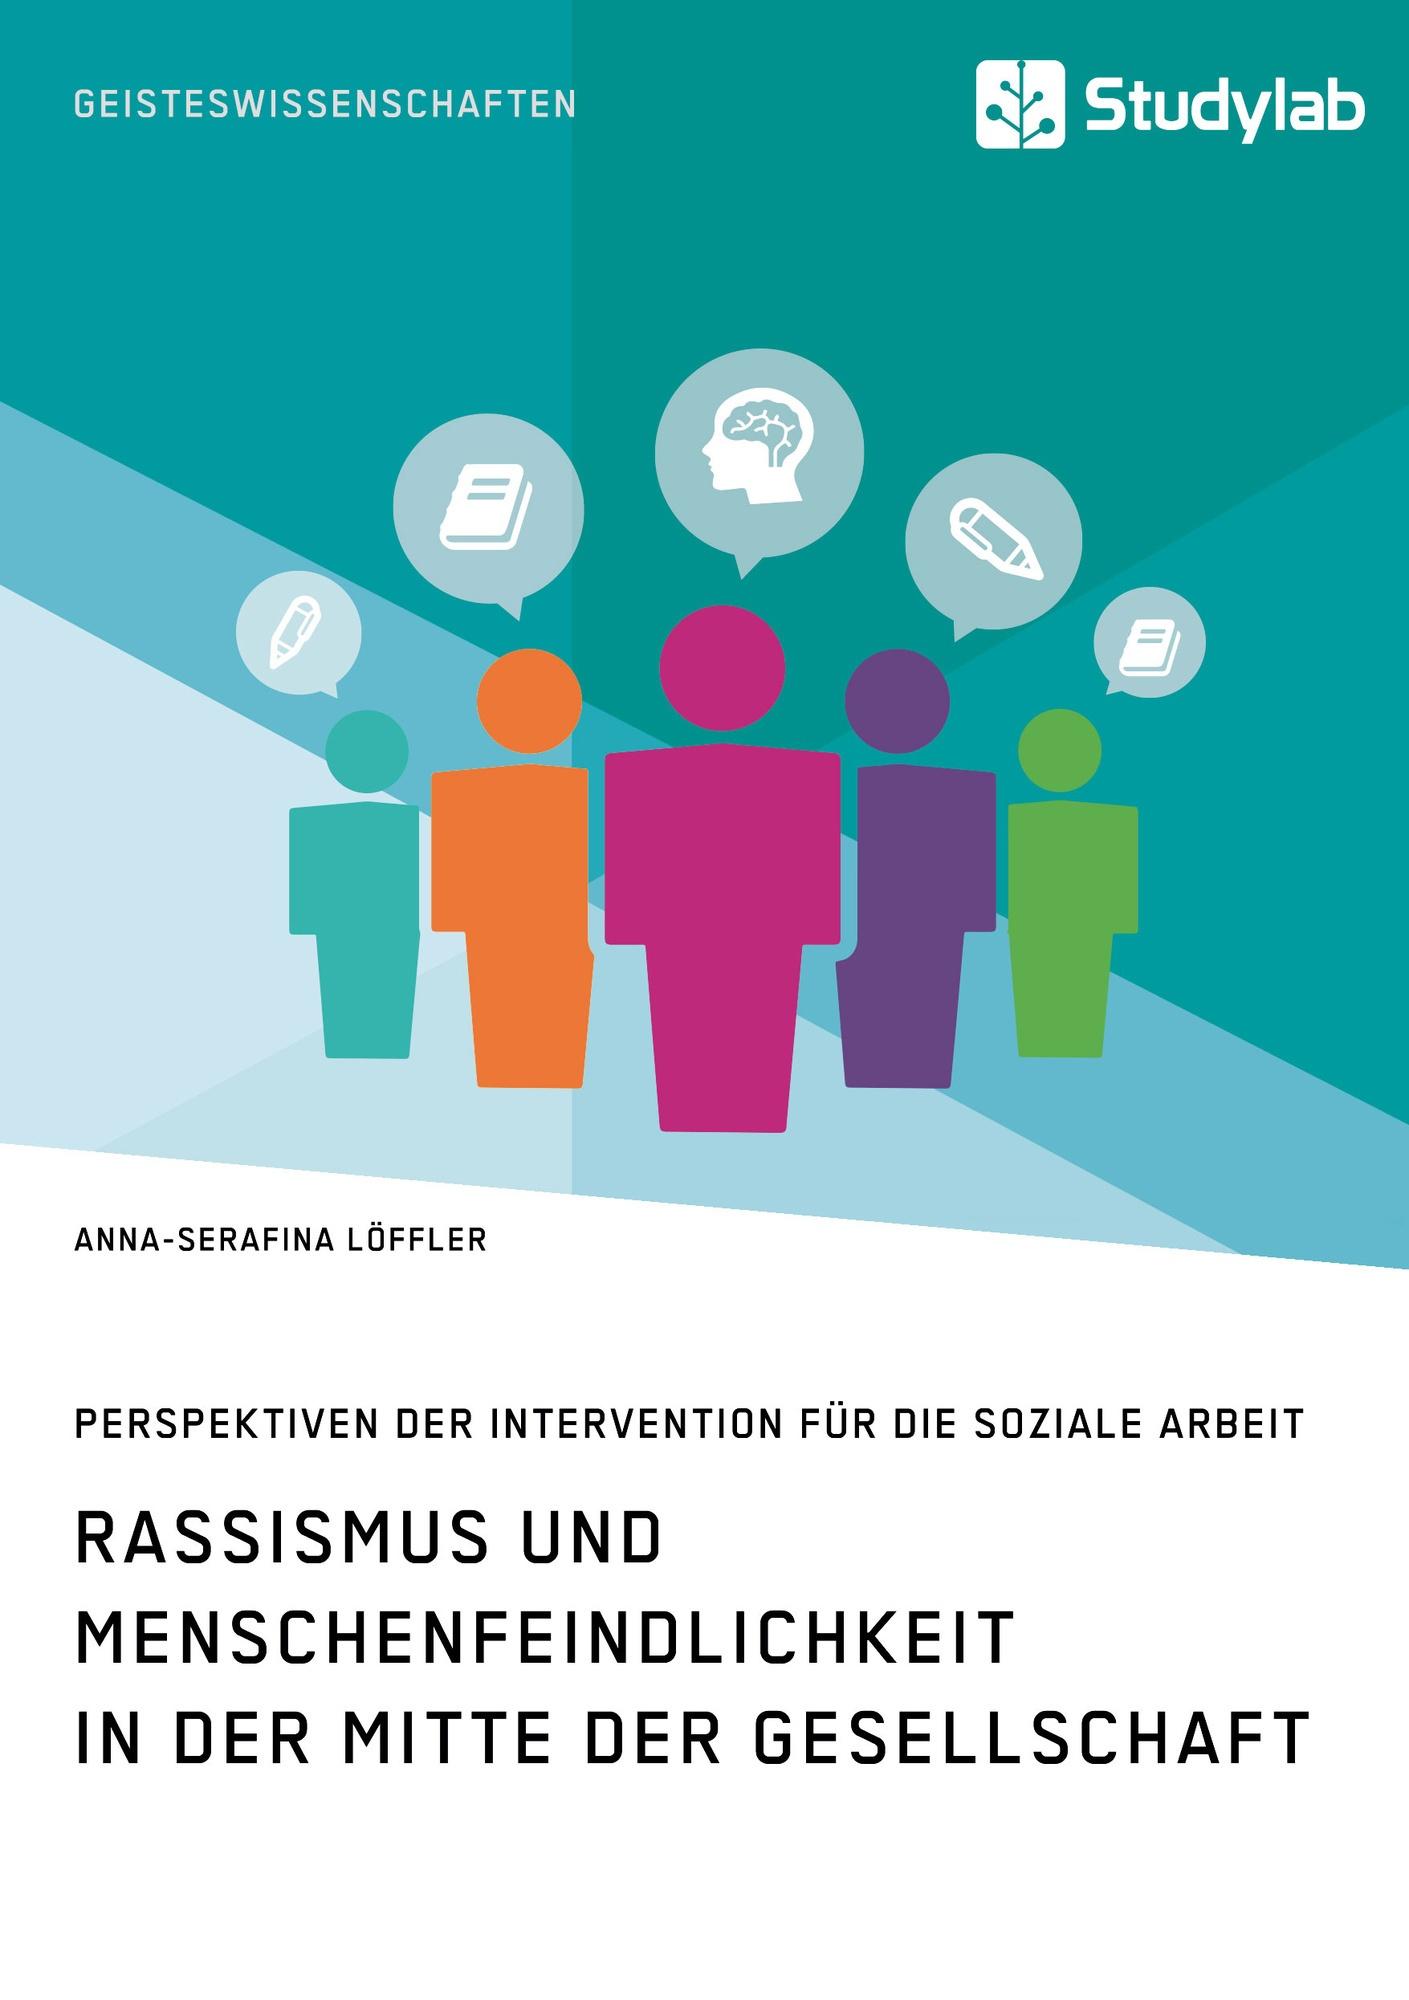 Titel: Rassismus und Menschenfeindlichkeit in der Mitte der Gesellschaft. Perspektiven der Intervention für die Soziale Arbeit